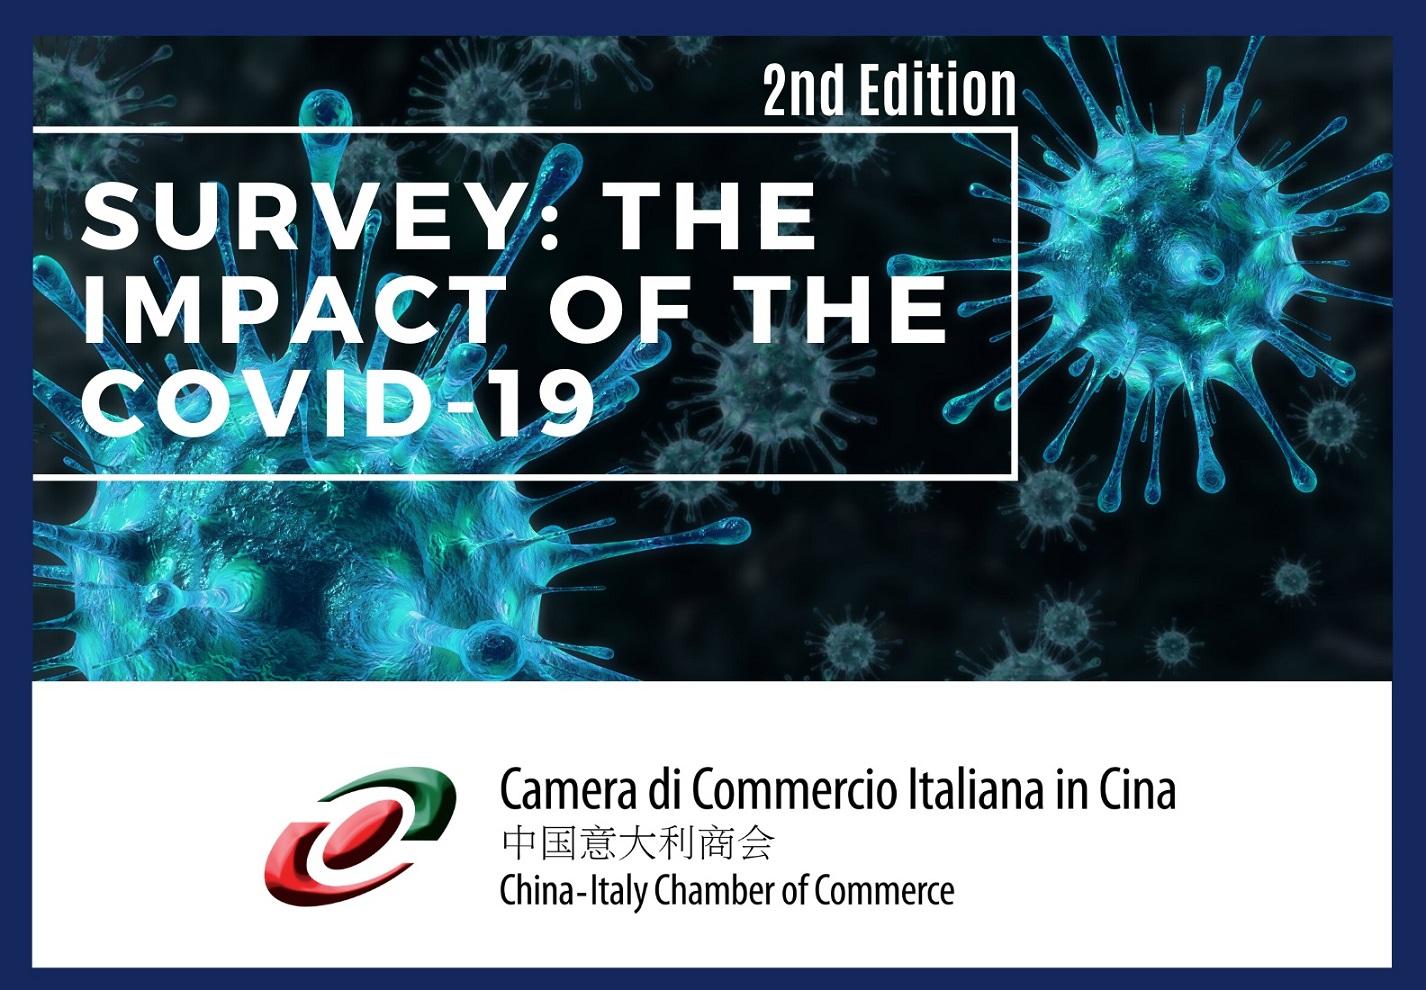 L'IMPATTO DEL COVID-19 SULLA COMUNITÀ DI BUSINESS ITALIANA IN CINA: SECONDA INDAGINE DELLA CCIC